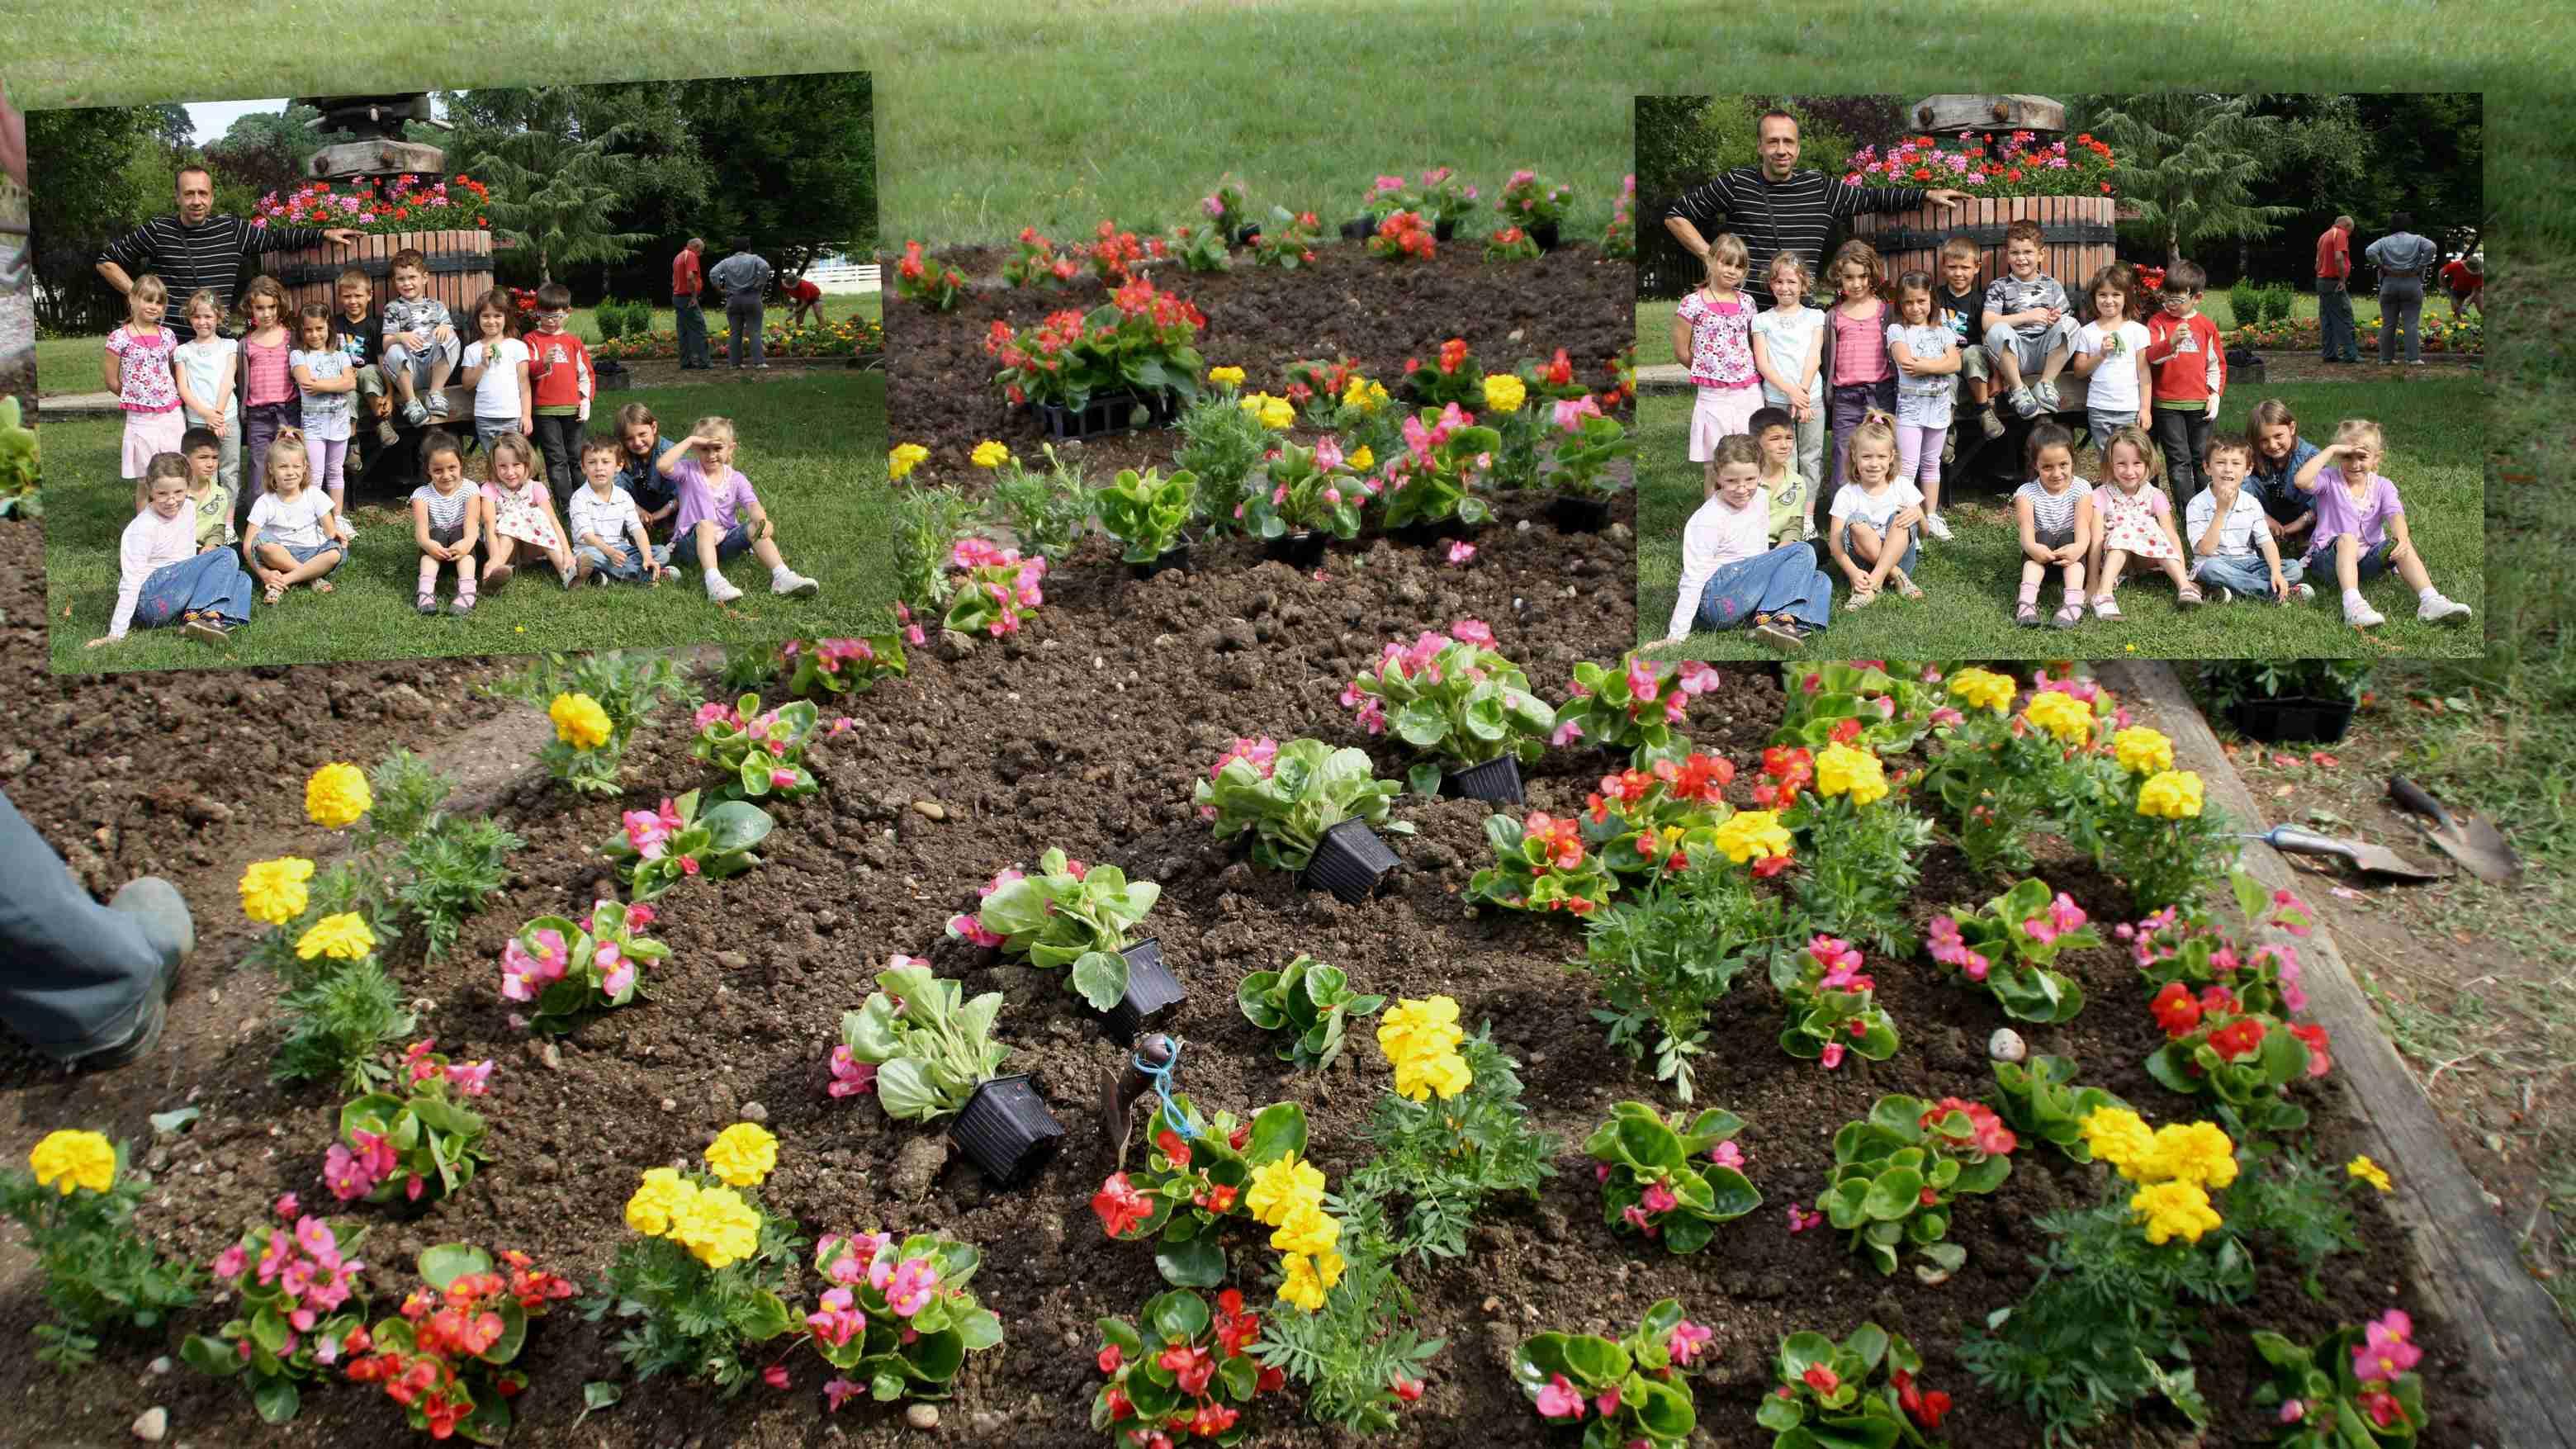 Plantation des fleurs avec comite de fleurissement for Plantation de fleurs